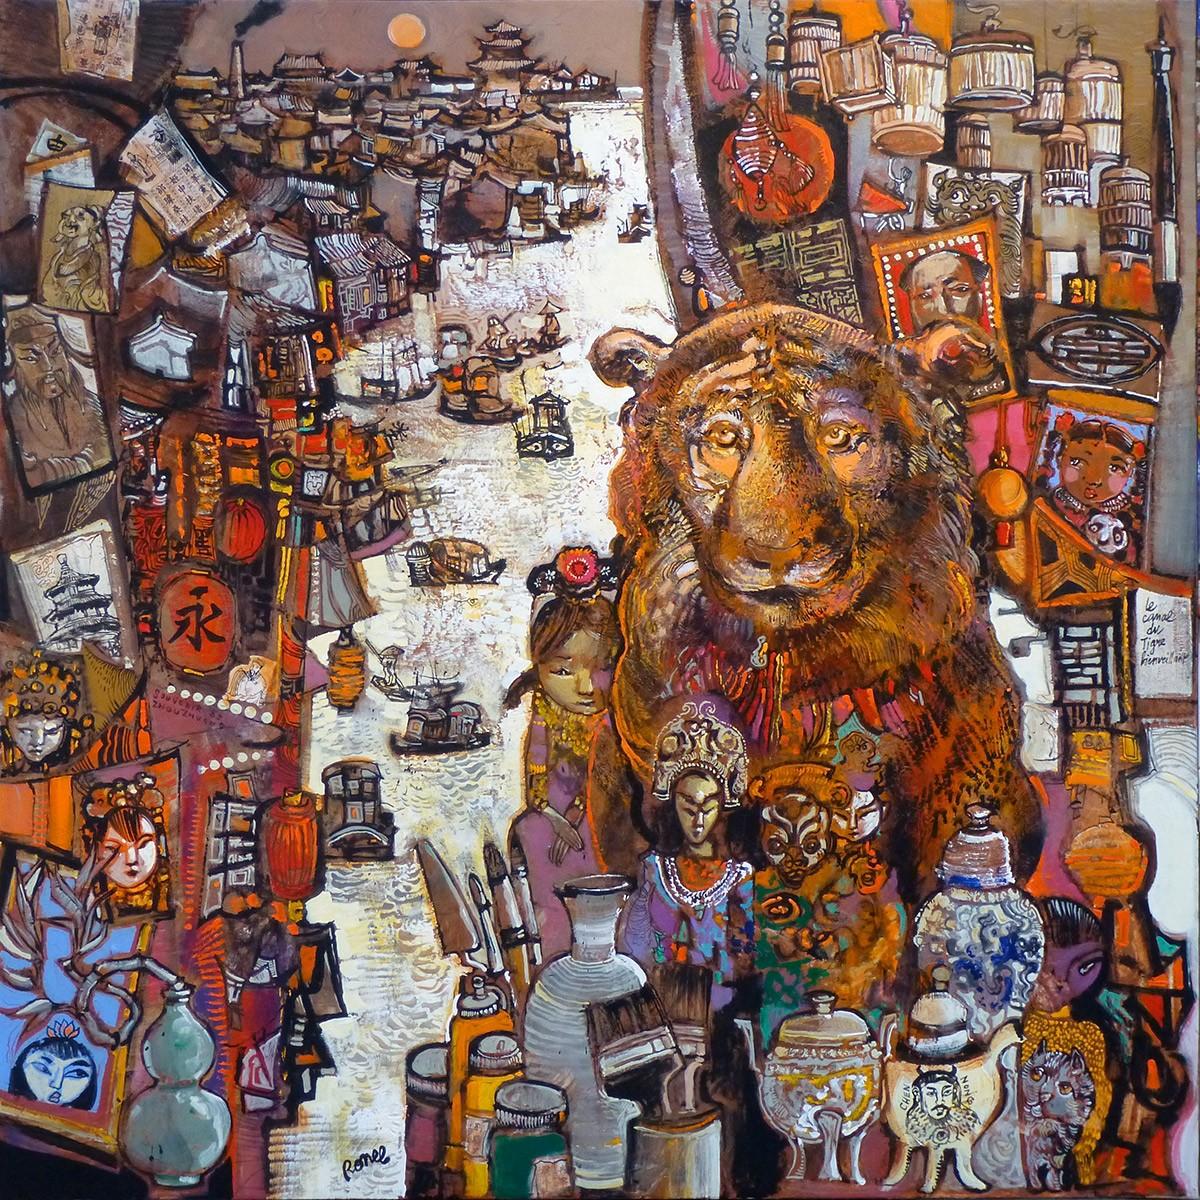 Le canal du tigre bienveillant 120 x 120 cm - 2013